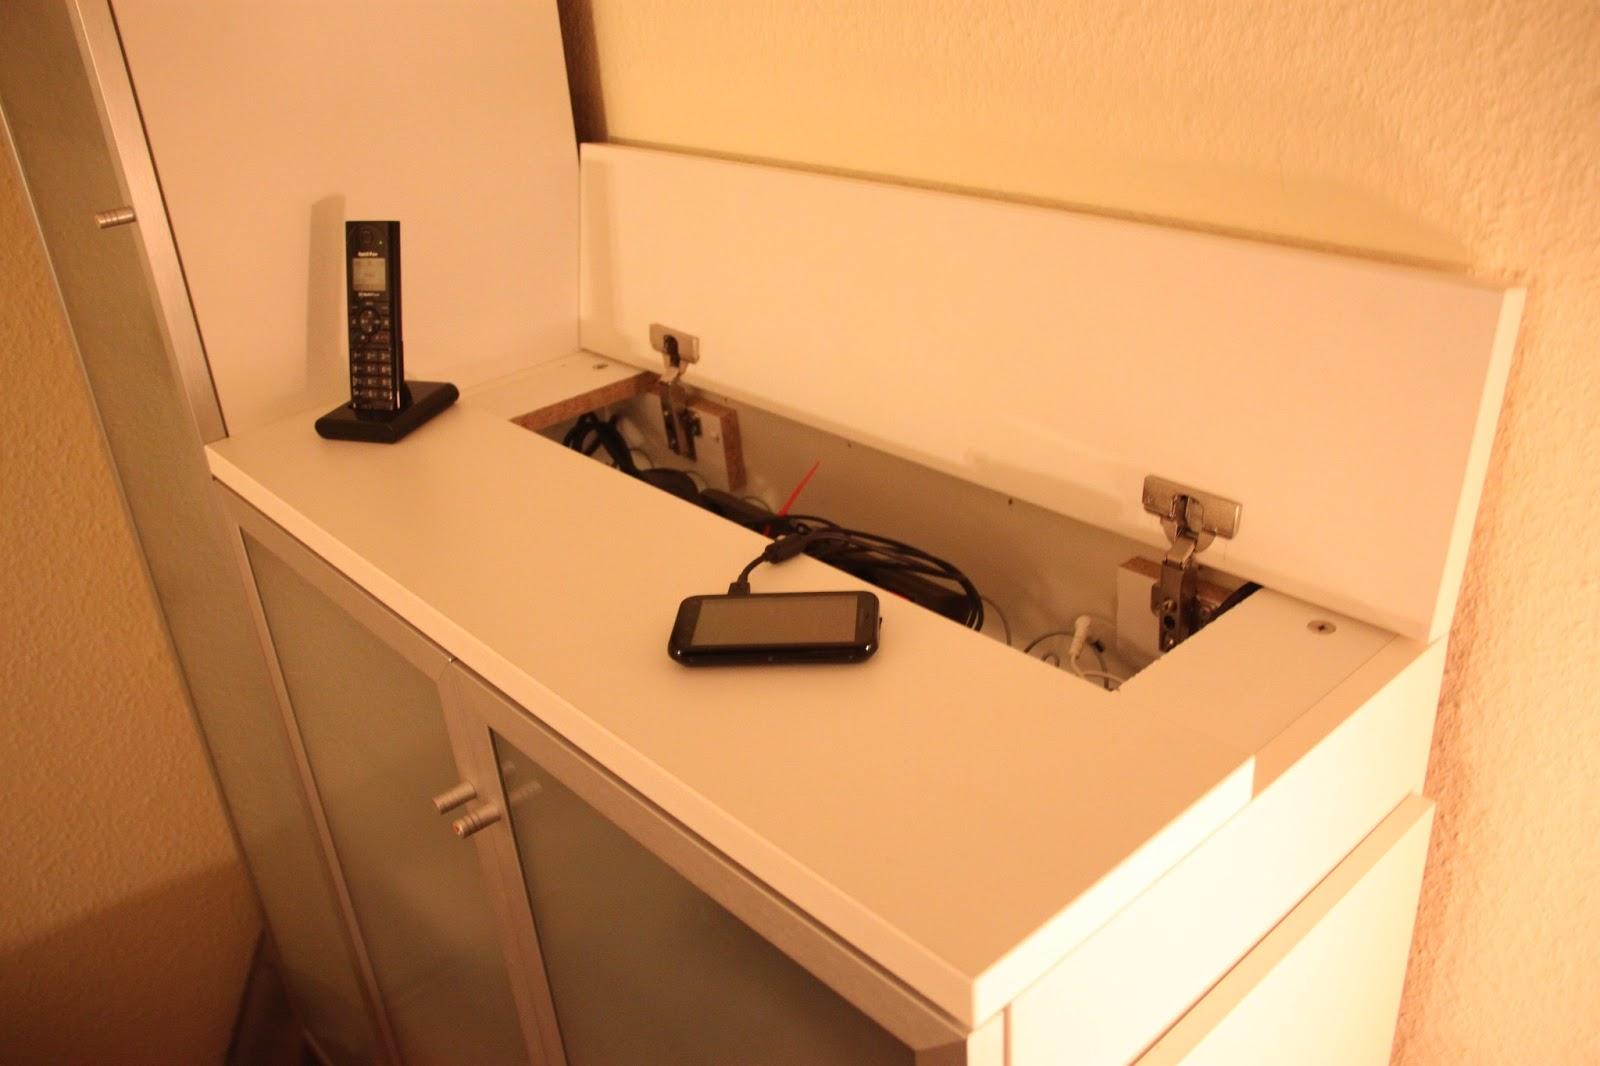 friedaworld ich bin ein ikea hacker kabelfach im sideboard. Black Bedroom Furniture Sets. Home Design Ideas